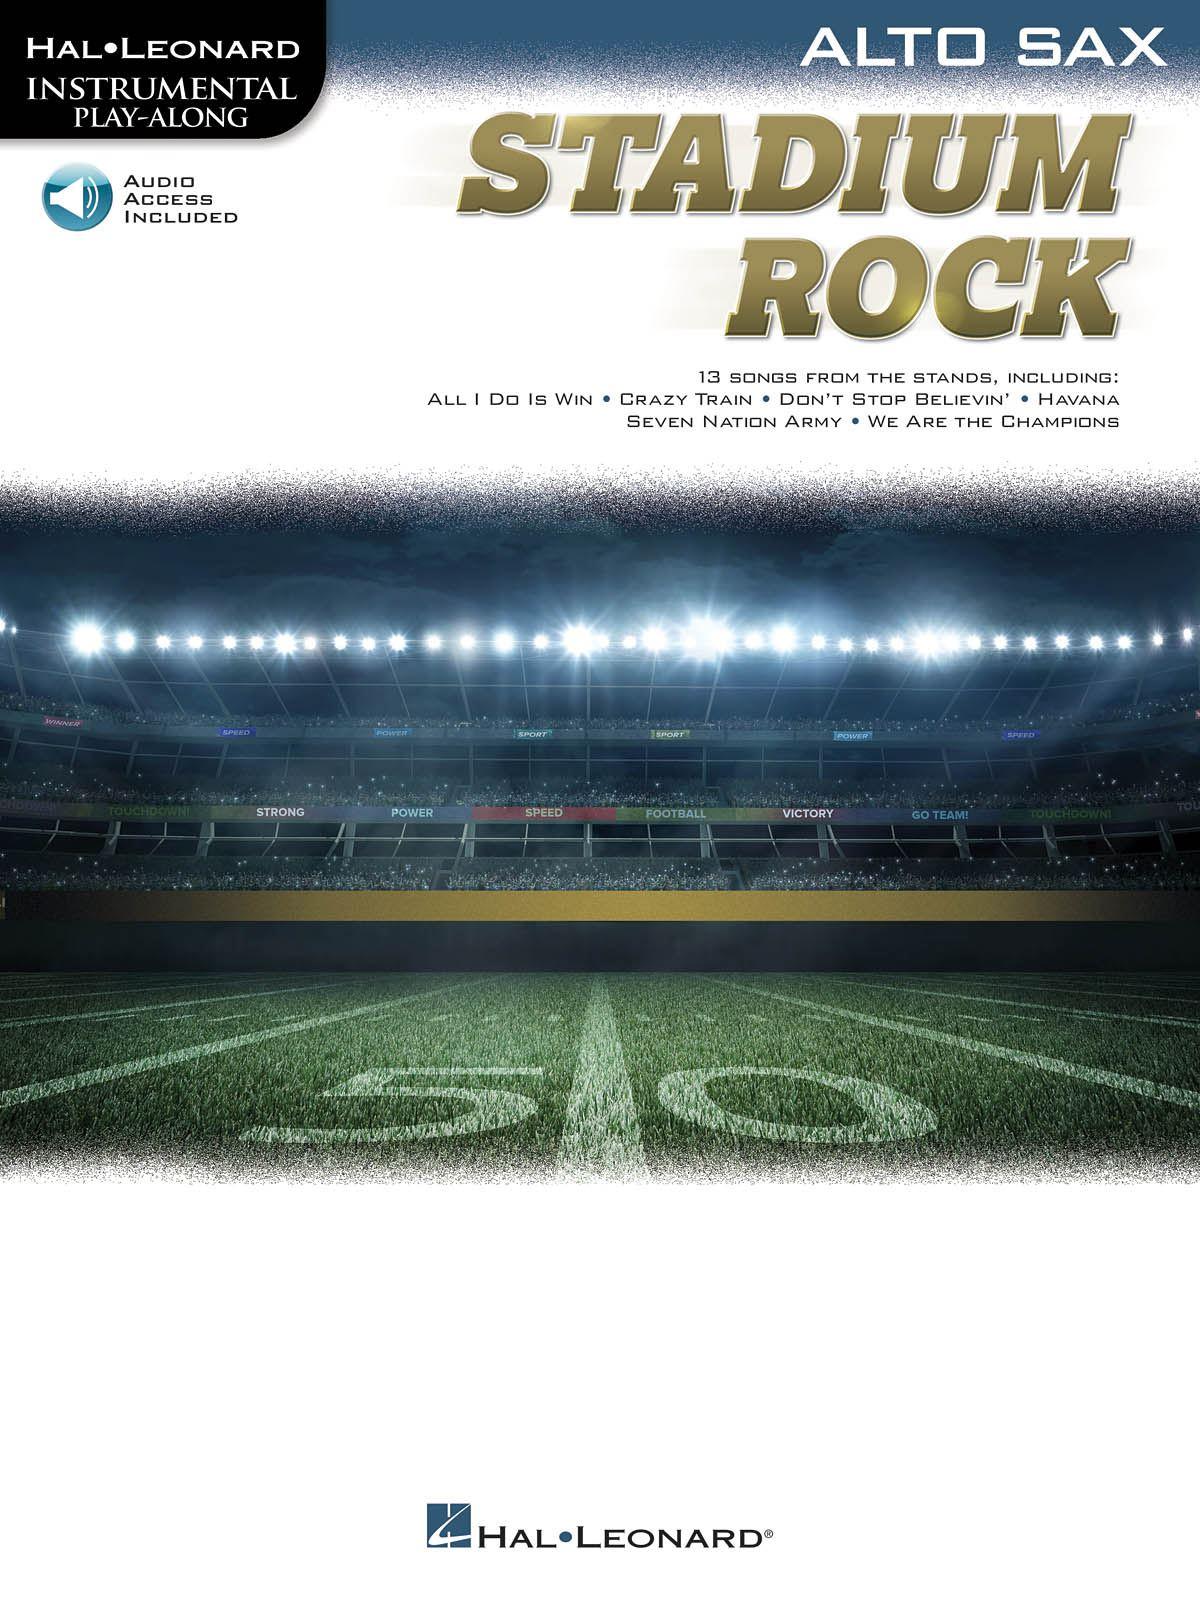 Stadium Rock for Alto Sax: Alto Saxophone: Instrumental Album